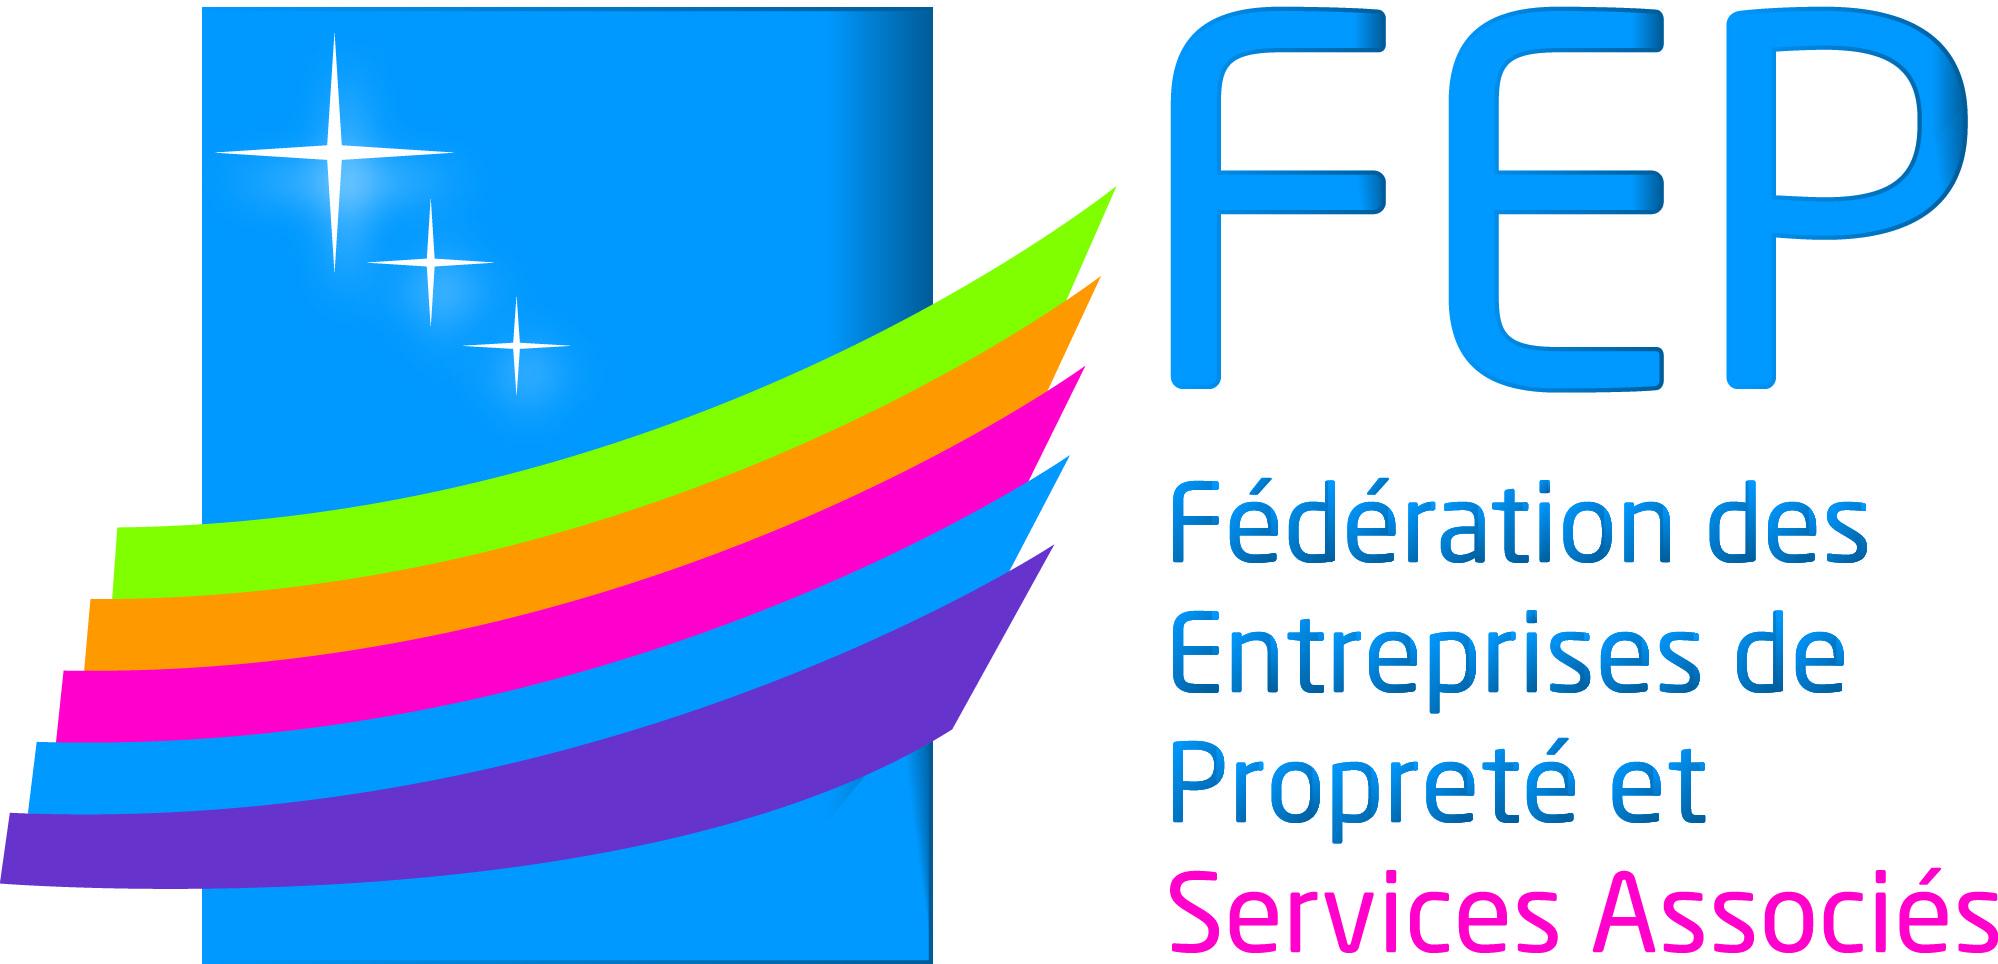 Le Groupe Saturne - Partenaires - FEP - Nettoyage professionnel - Entreprise de nettoyage